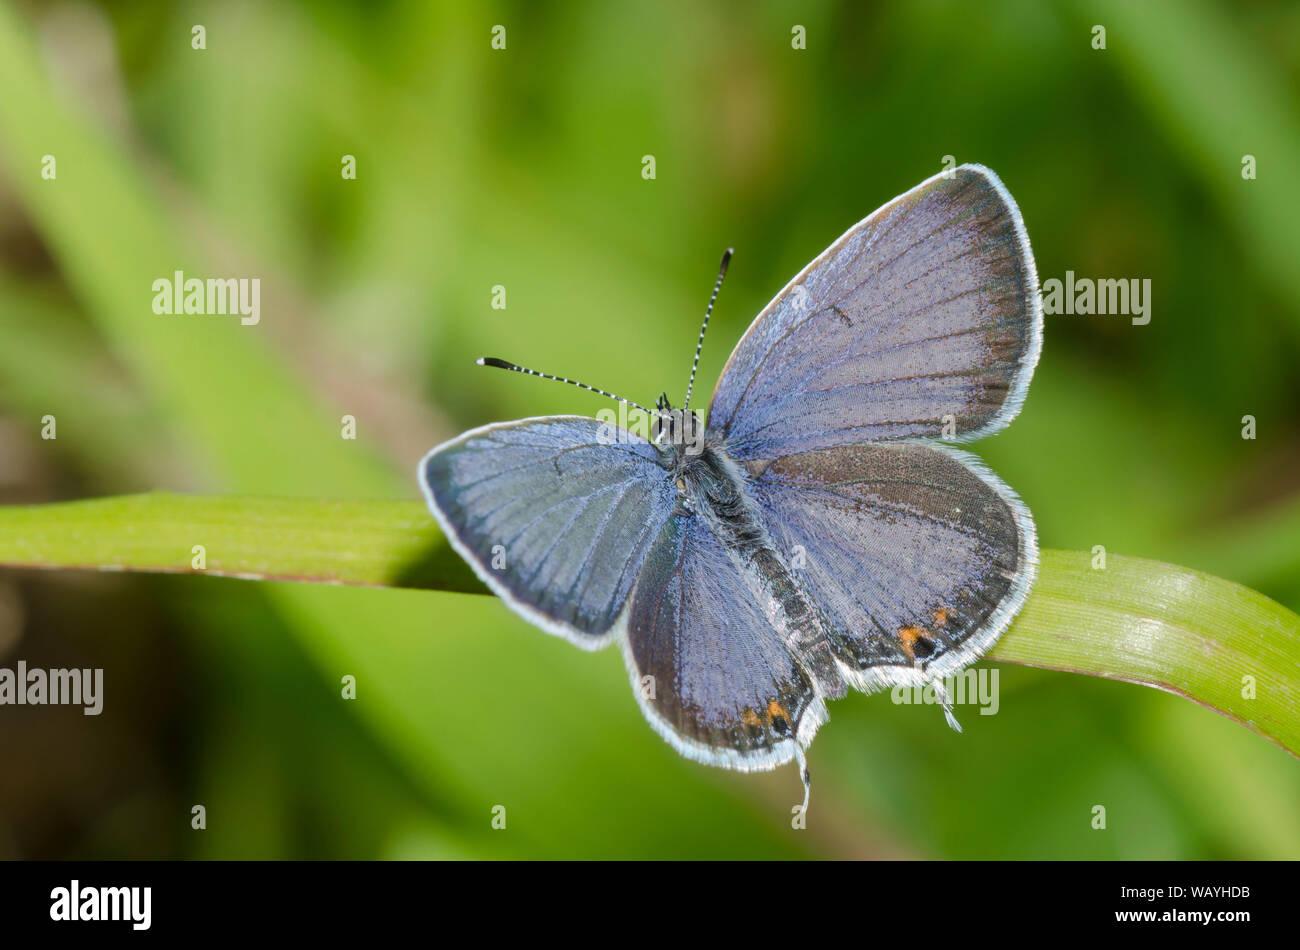 Cola oriental-azul, Cupido comyntas, macho Foto de stock